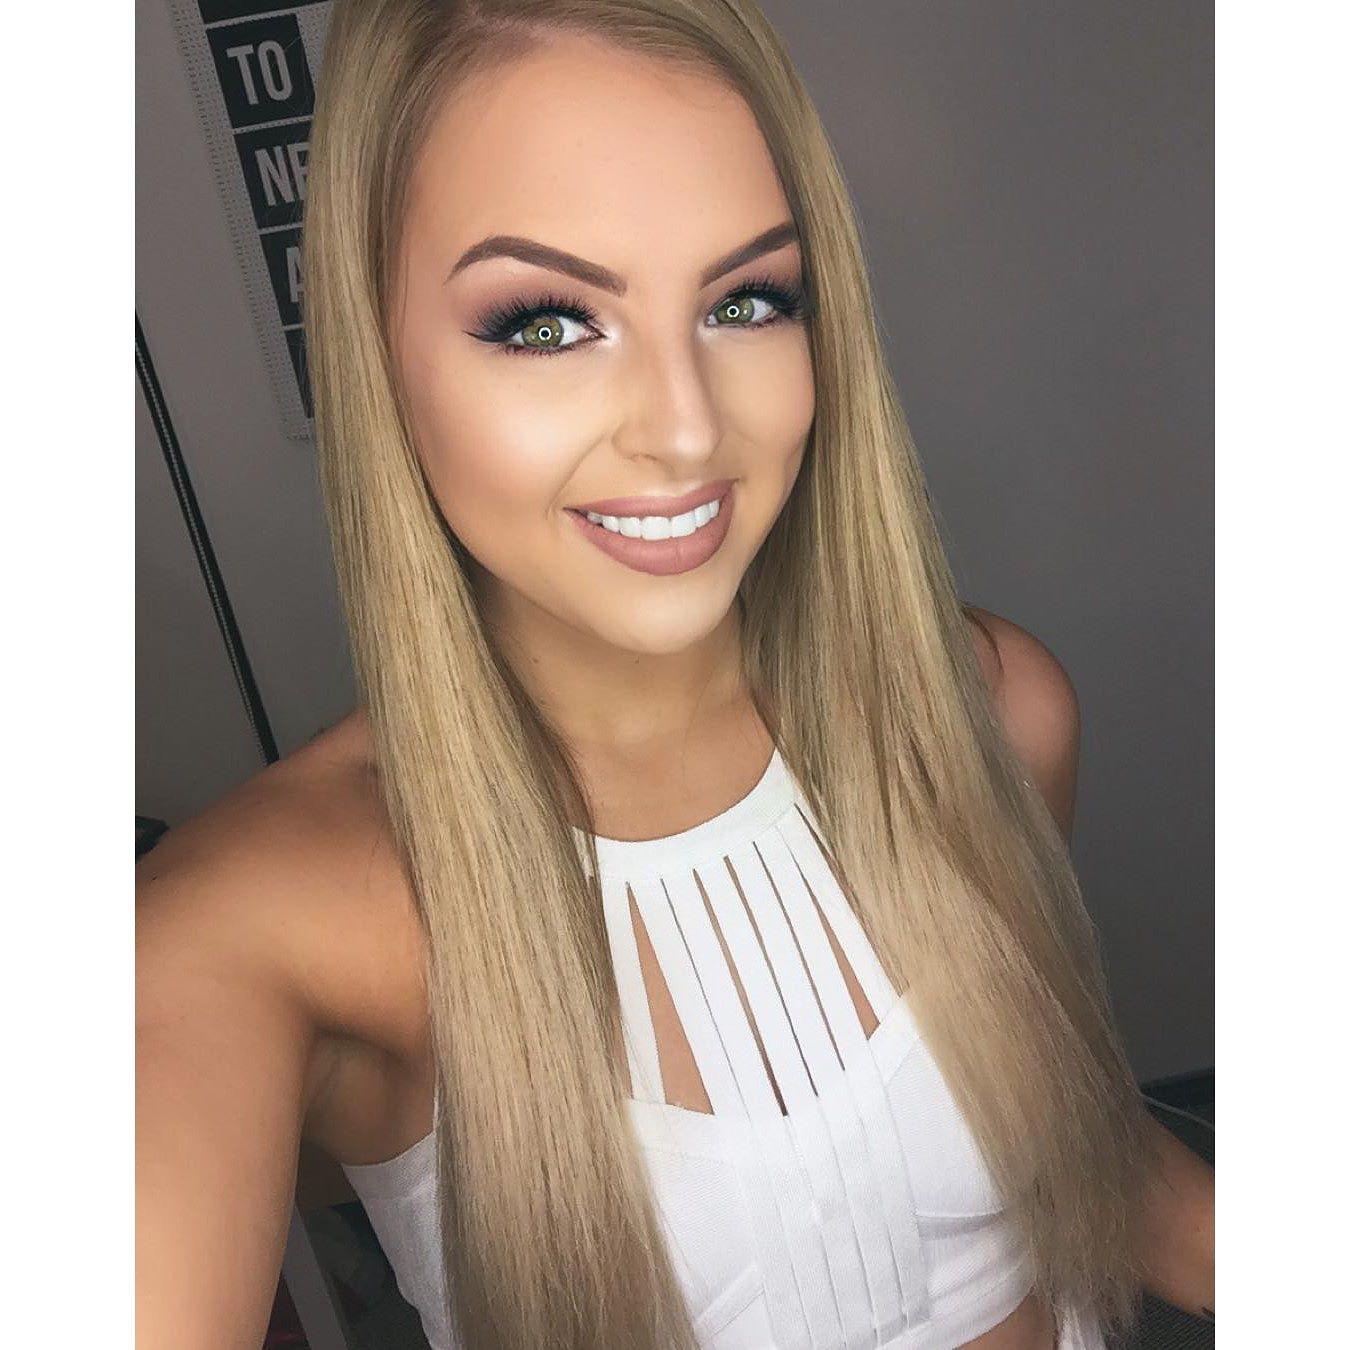 Brittney Saunders